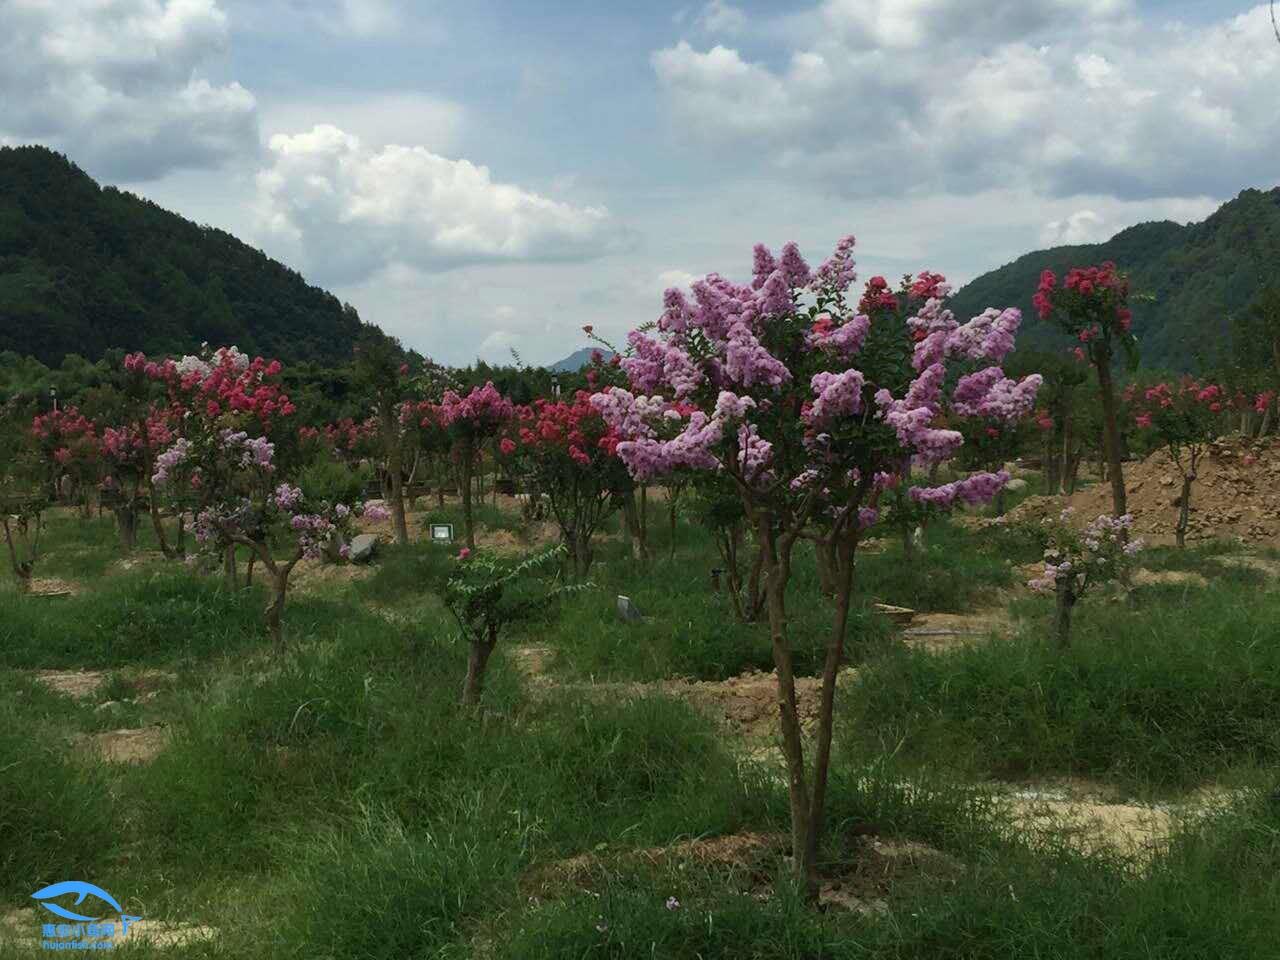 炎热的夏日带你欣赏一下政和紫薇园里盛开的紫